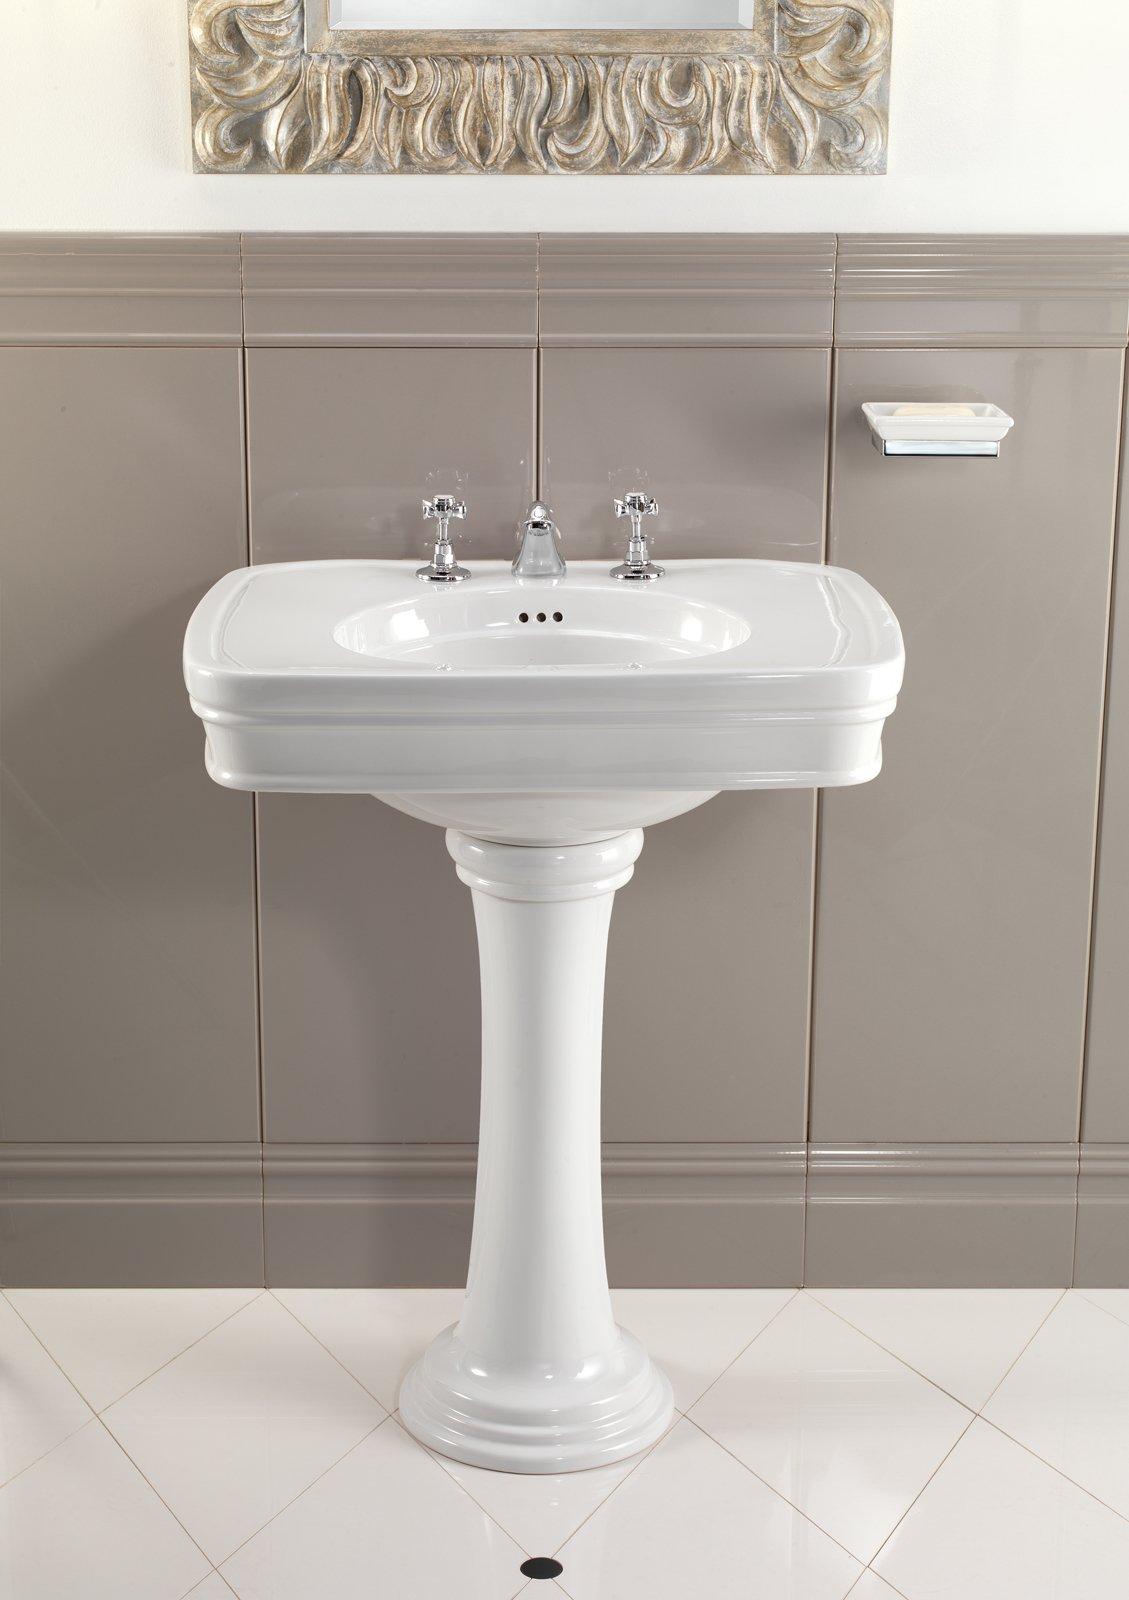 Lavabi classici lo stile anche in bagno cose di casa - Bagno devon e devon ...